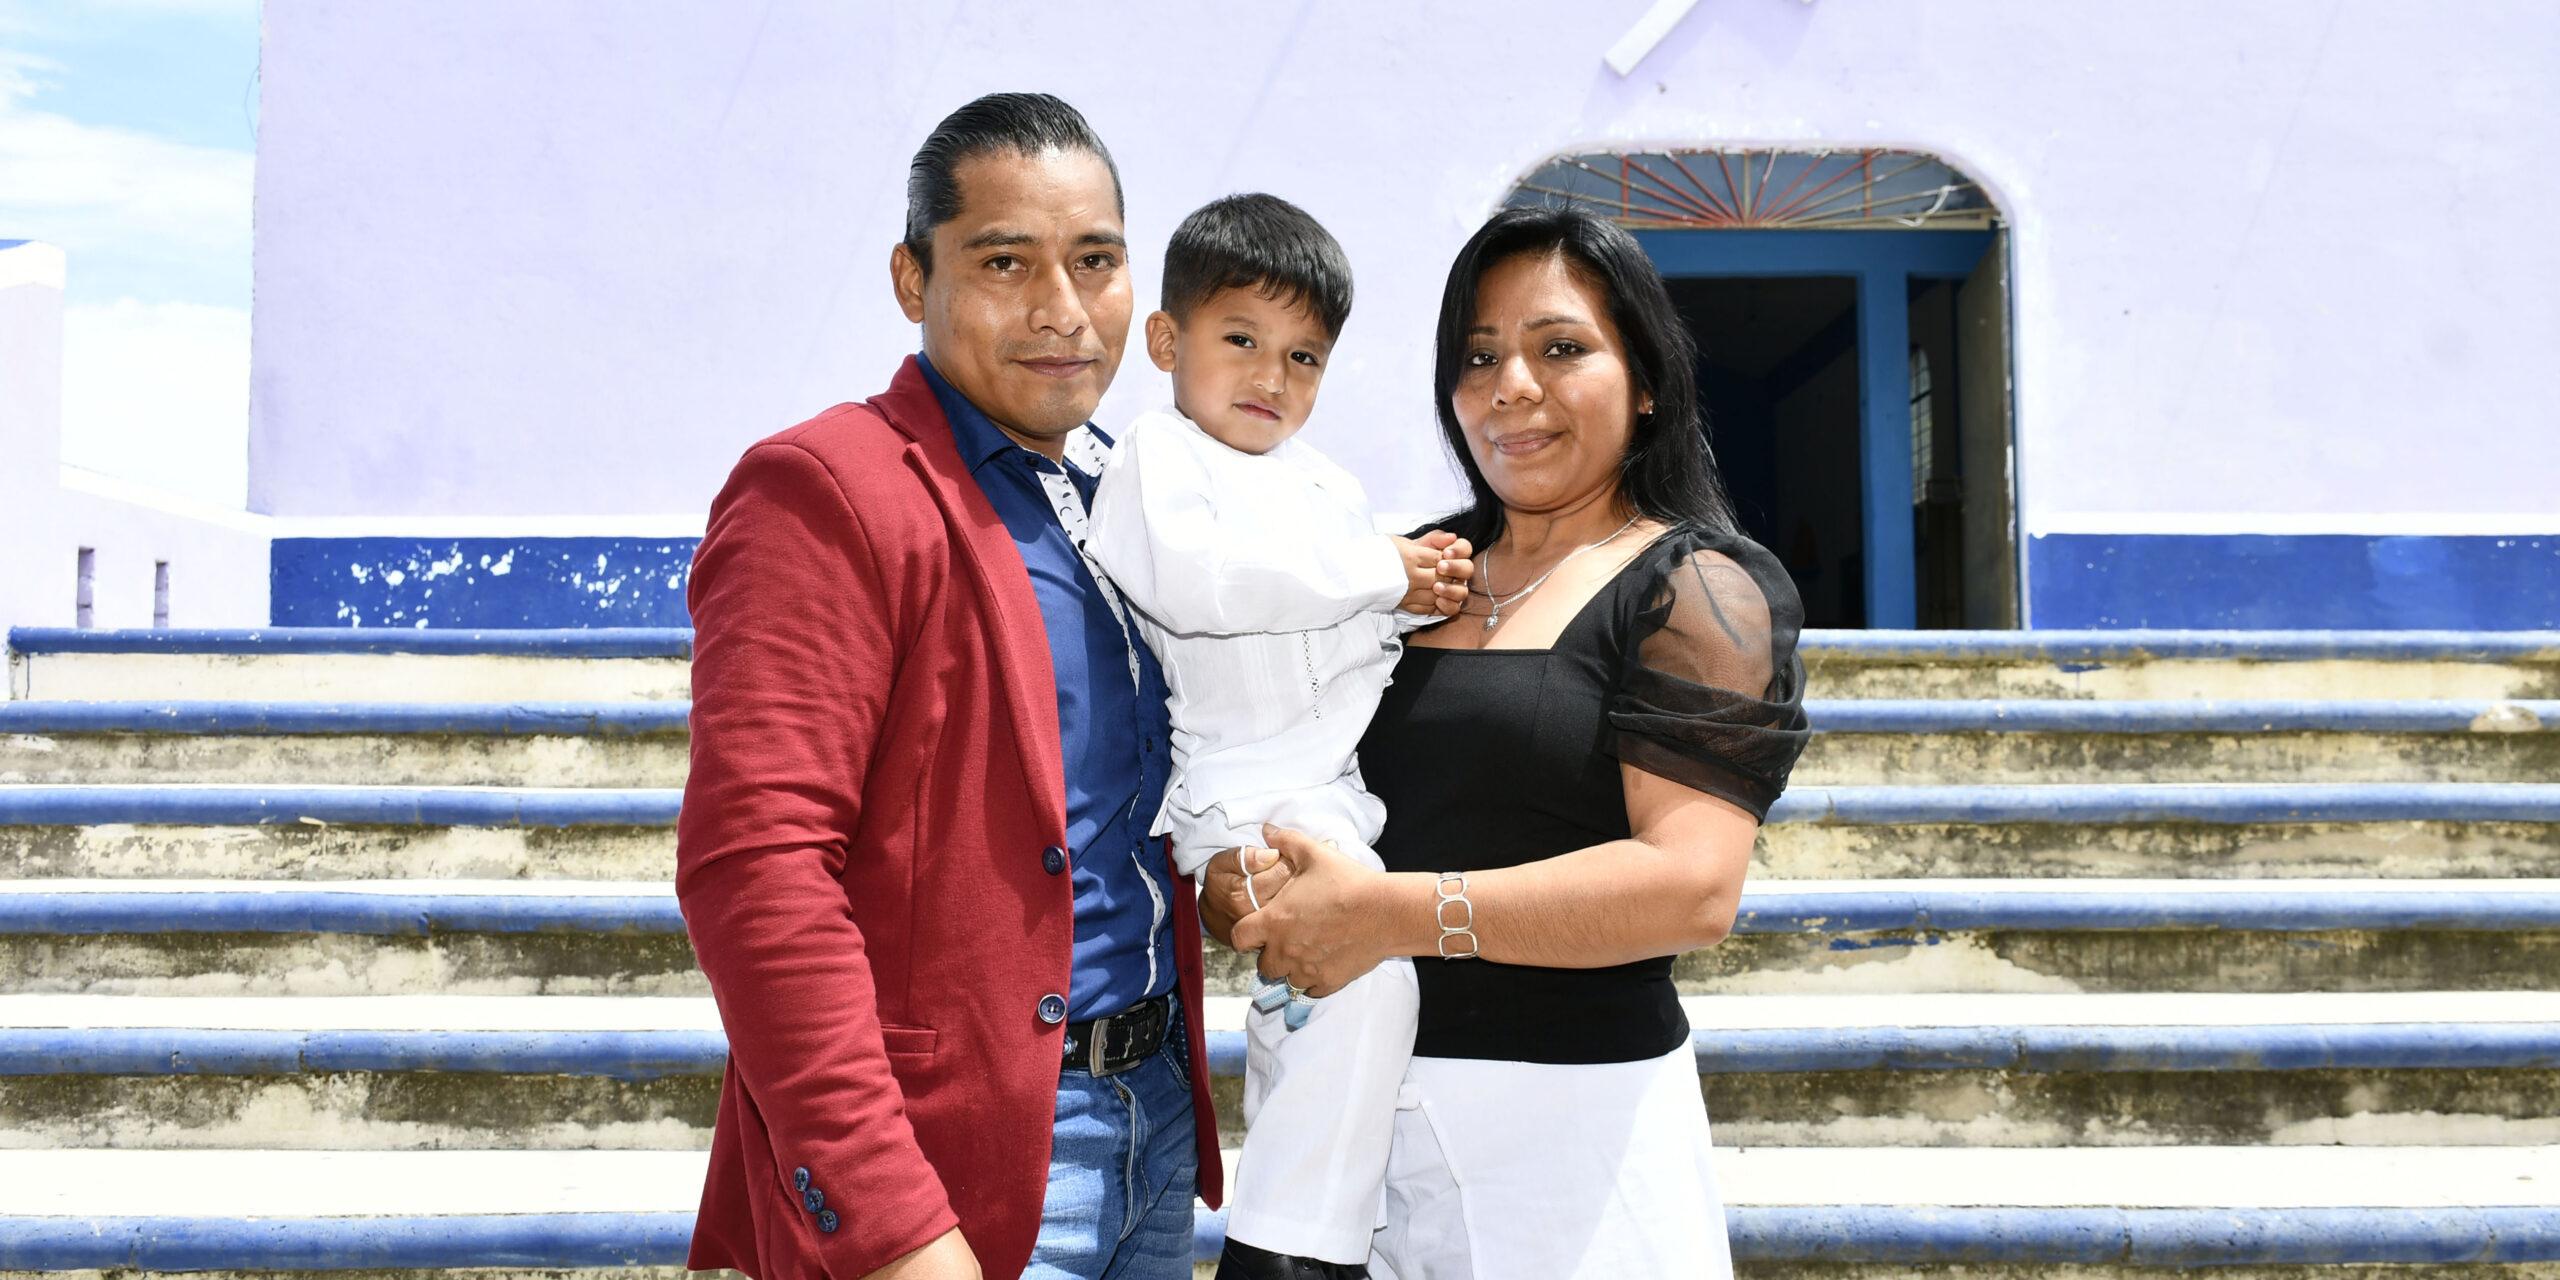 Reciben las aguas bautismales   El Imparcial de Oaxaca